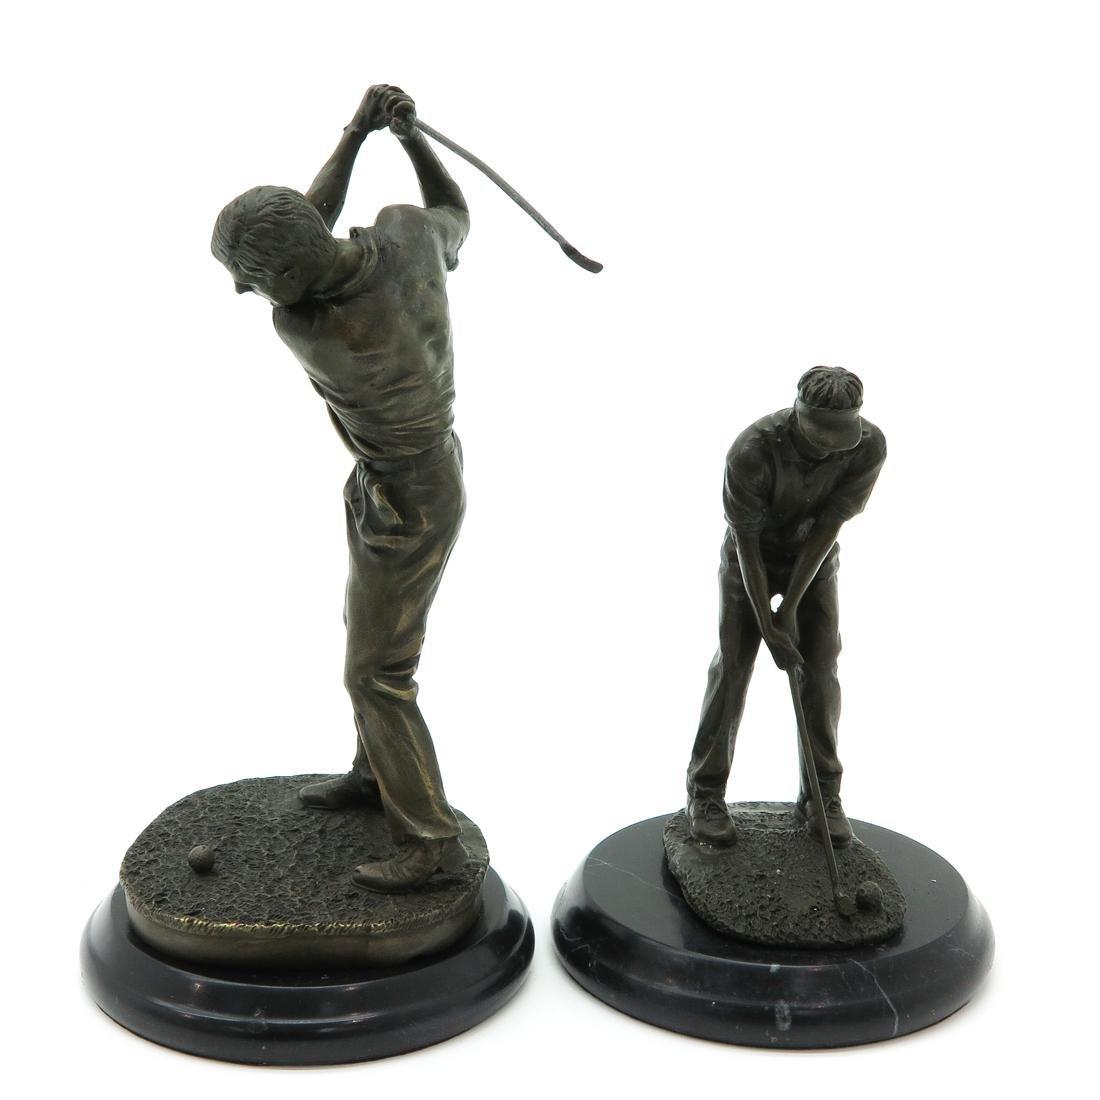 Lot of 2 Bronze Sculptures Depicting Golfers - 2